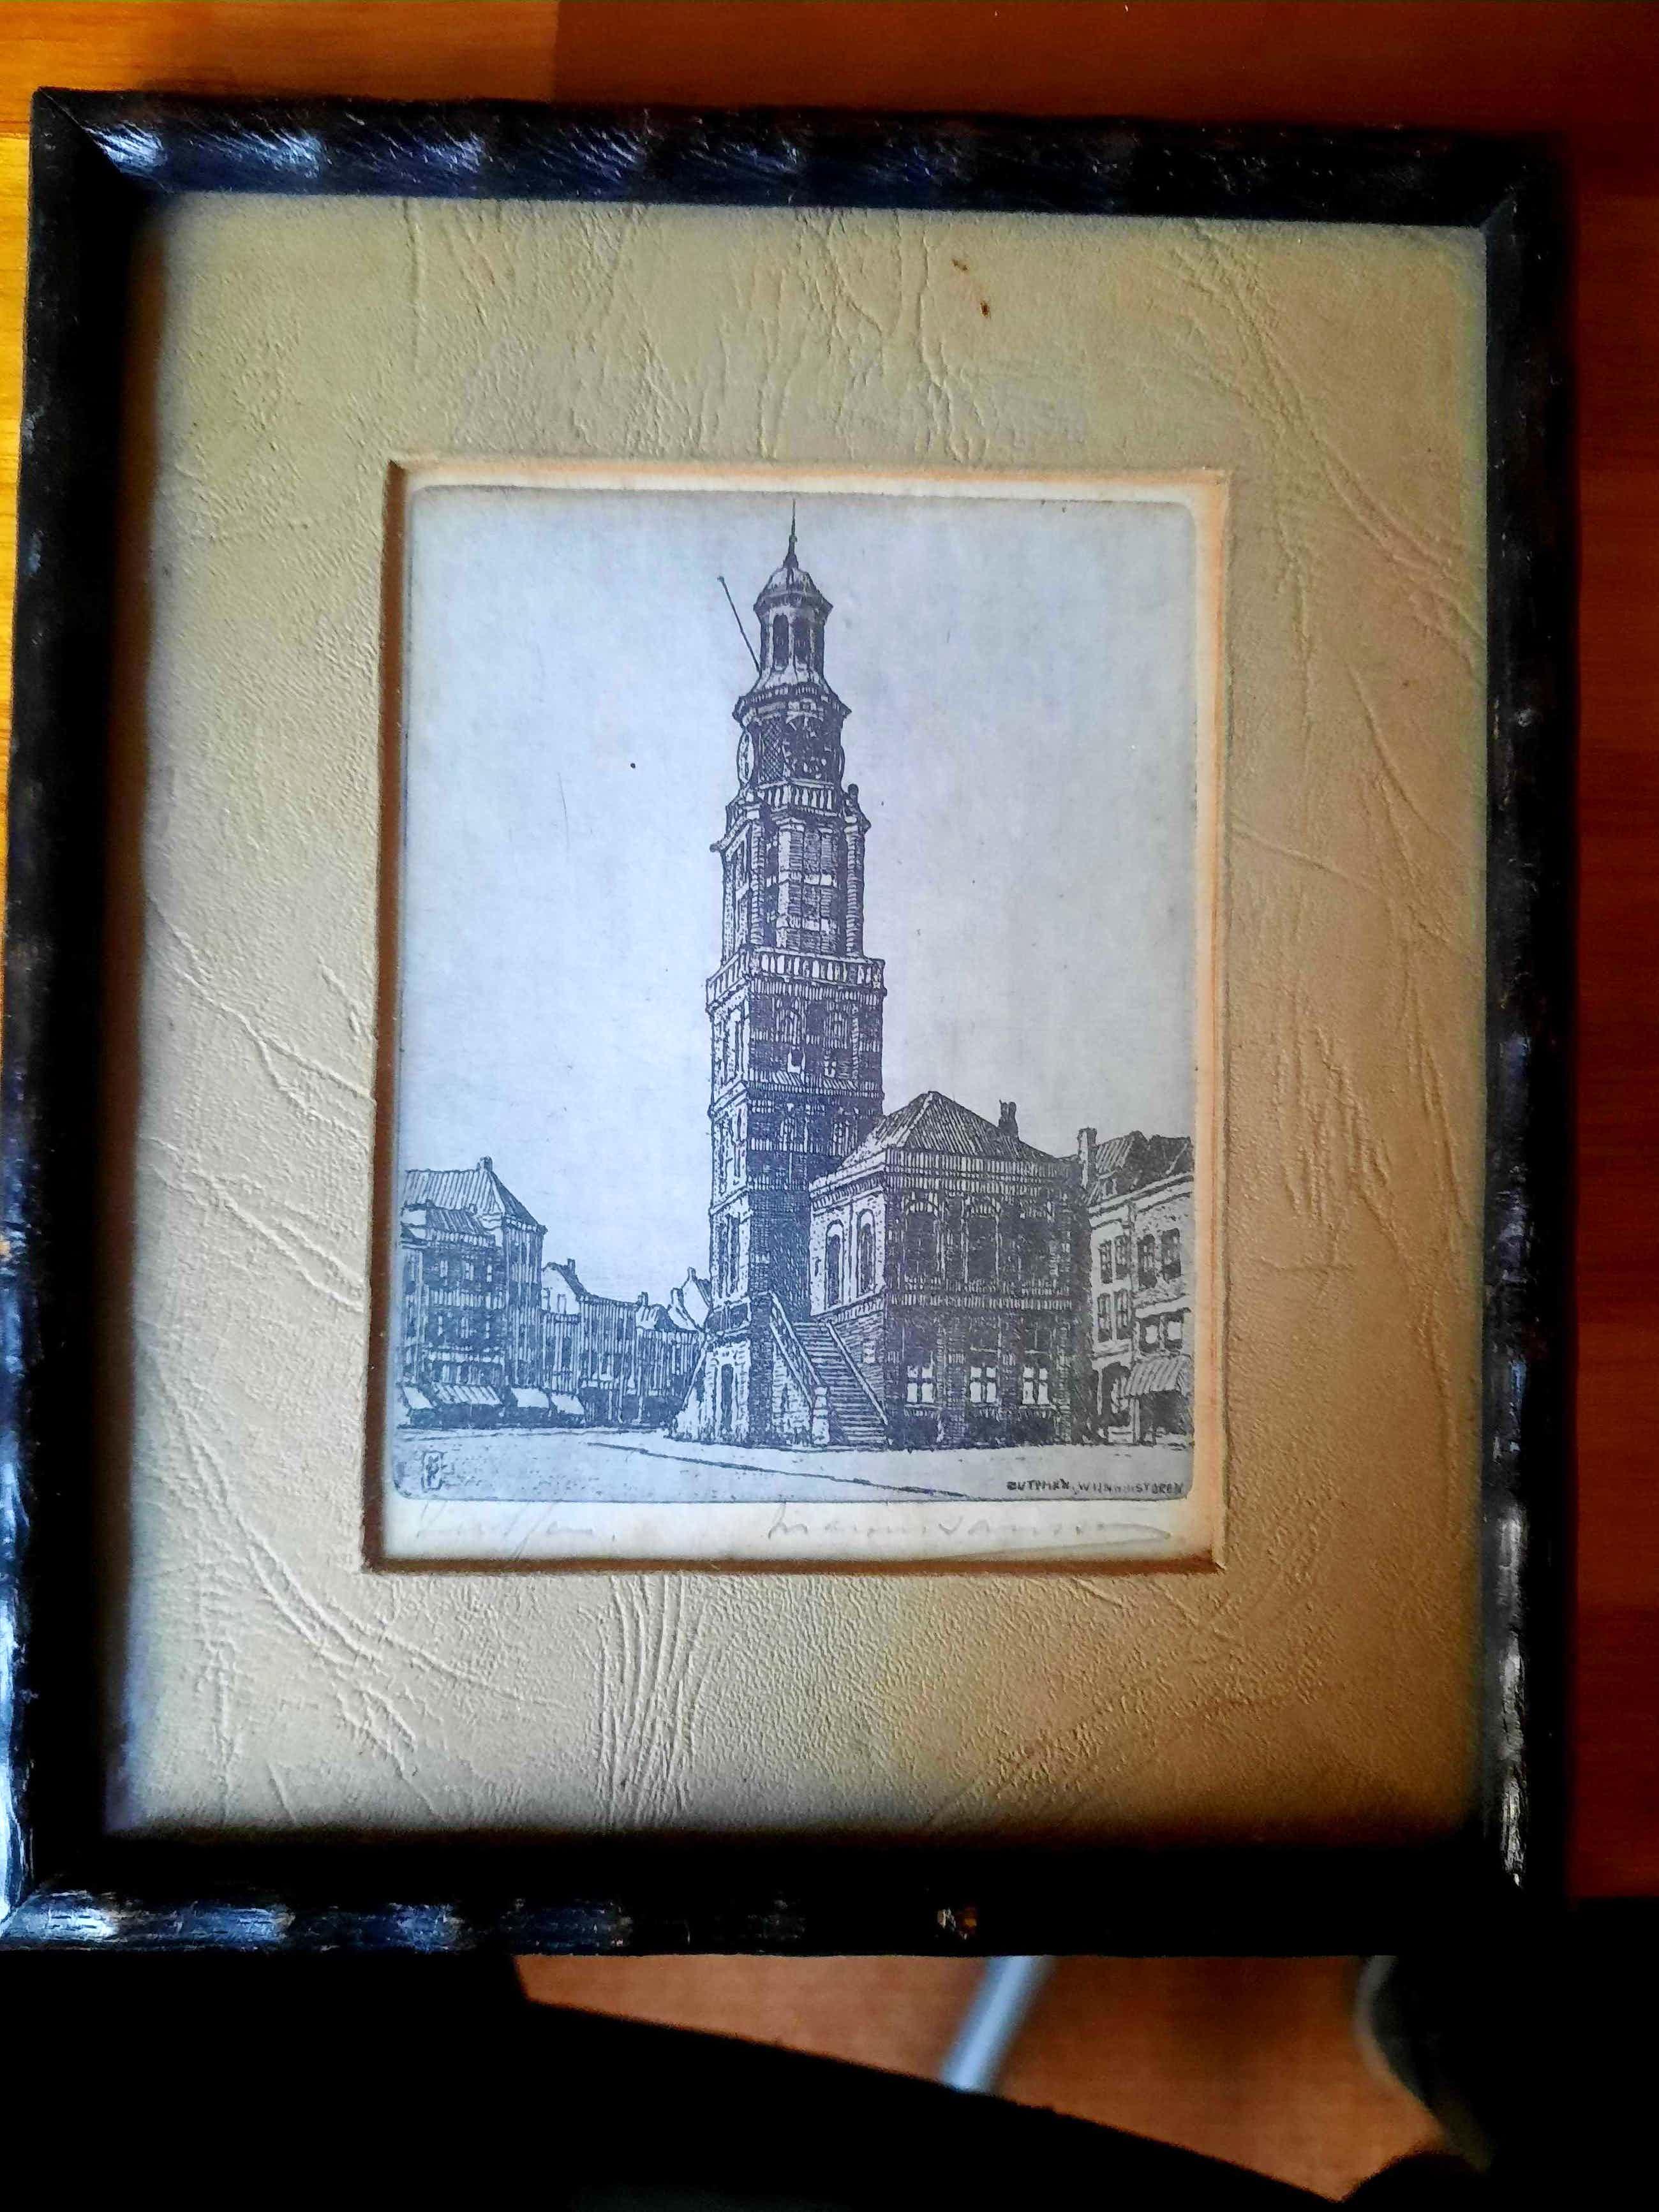 Marius Johannes Janssen - Wijnhuistoren, Zutphen kopen? Bied vanaf 30!